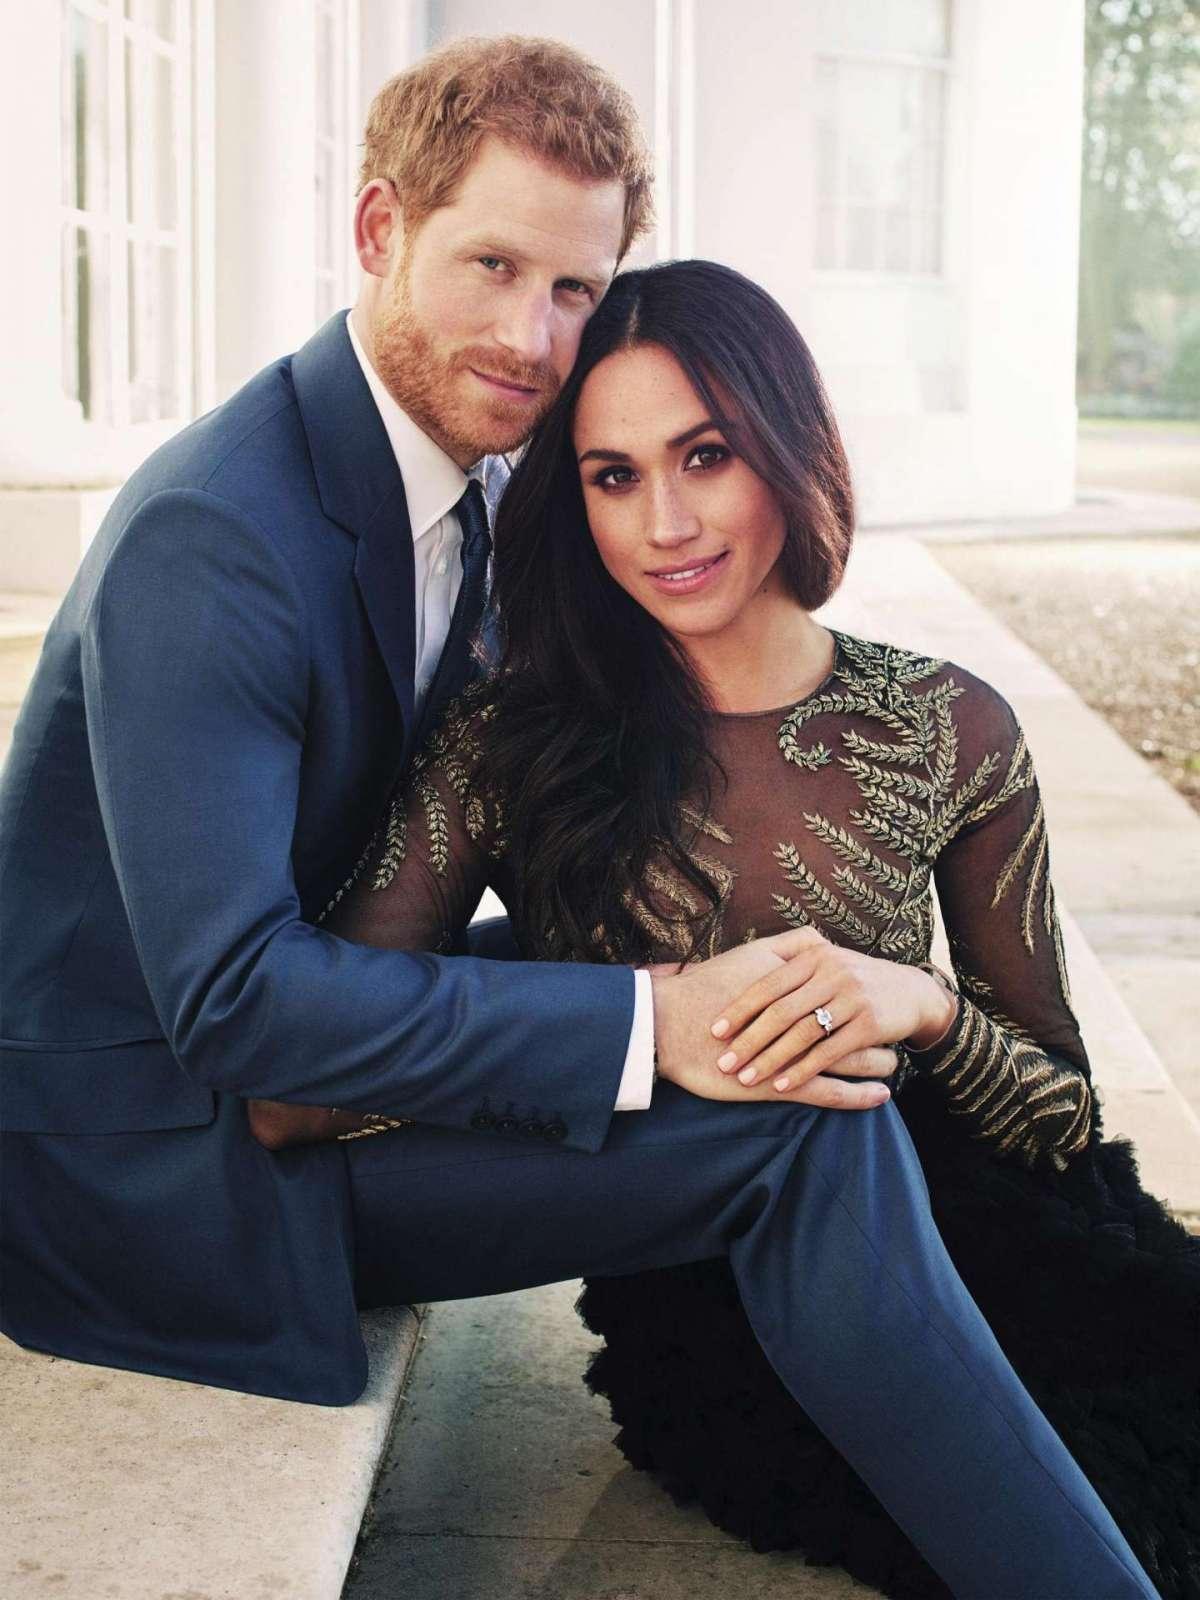 Il Principe Harry e Meghan Markle si sposano: l'annuncio ufficiale del fidanzamento